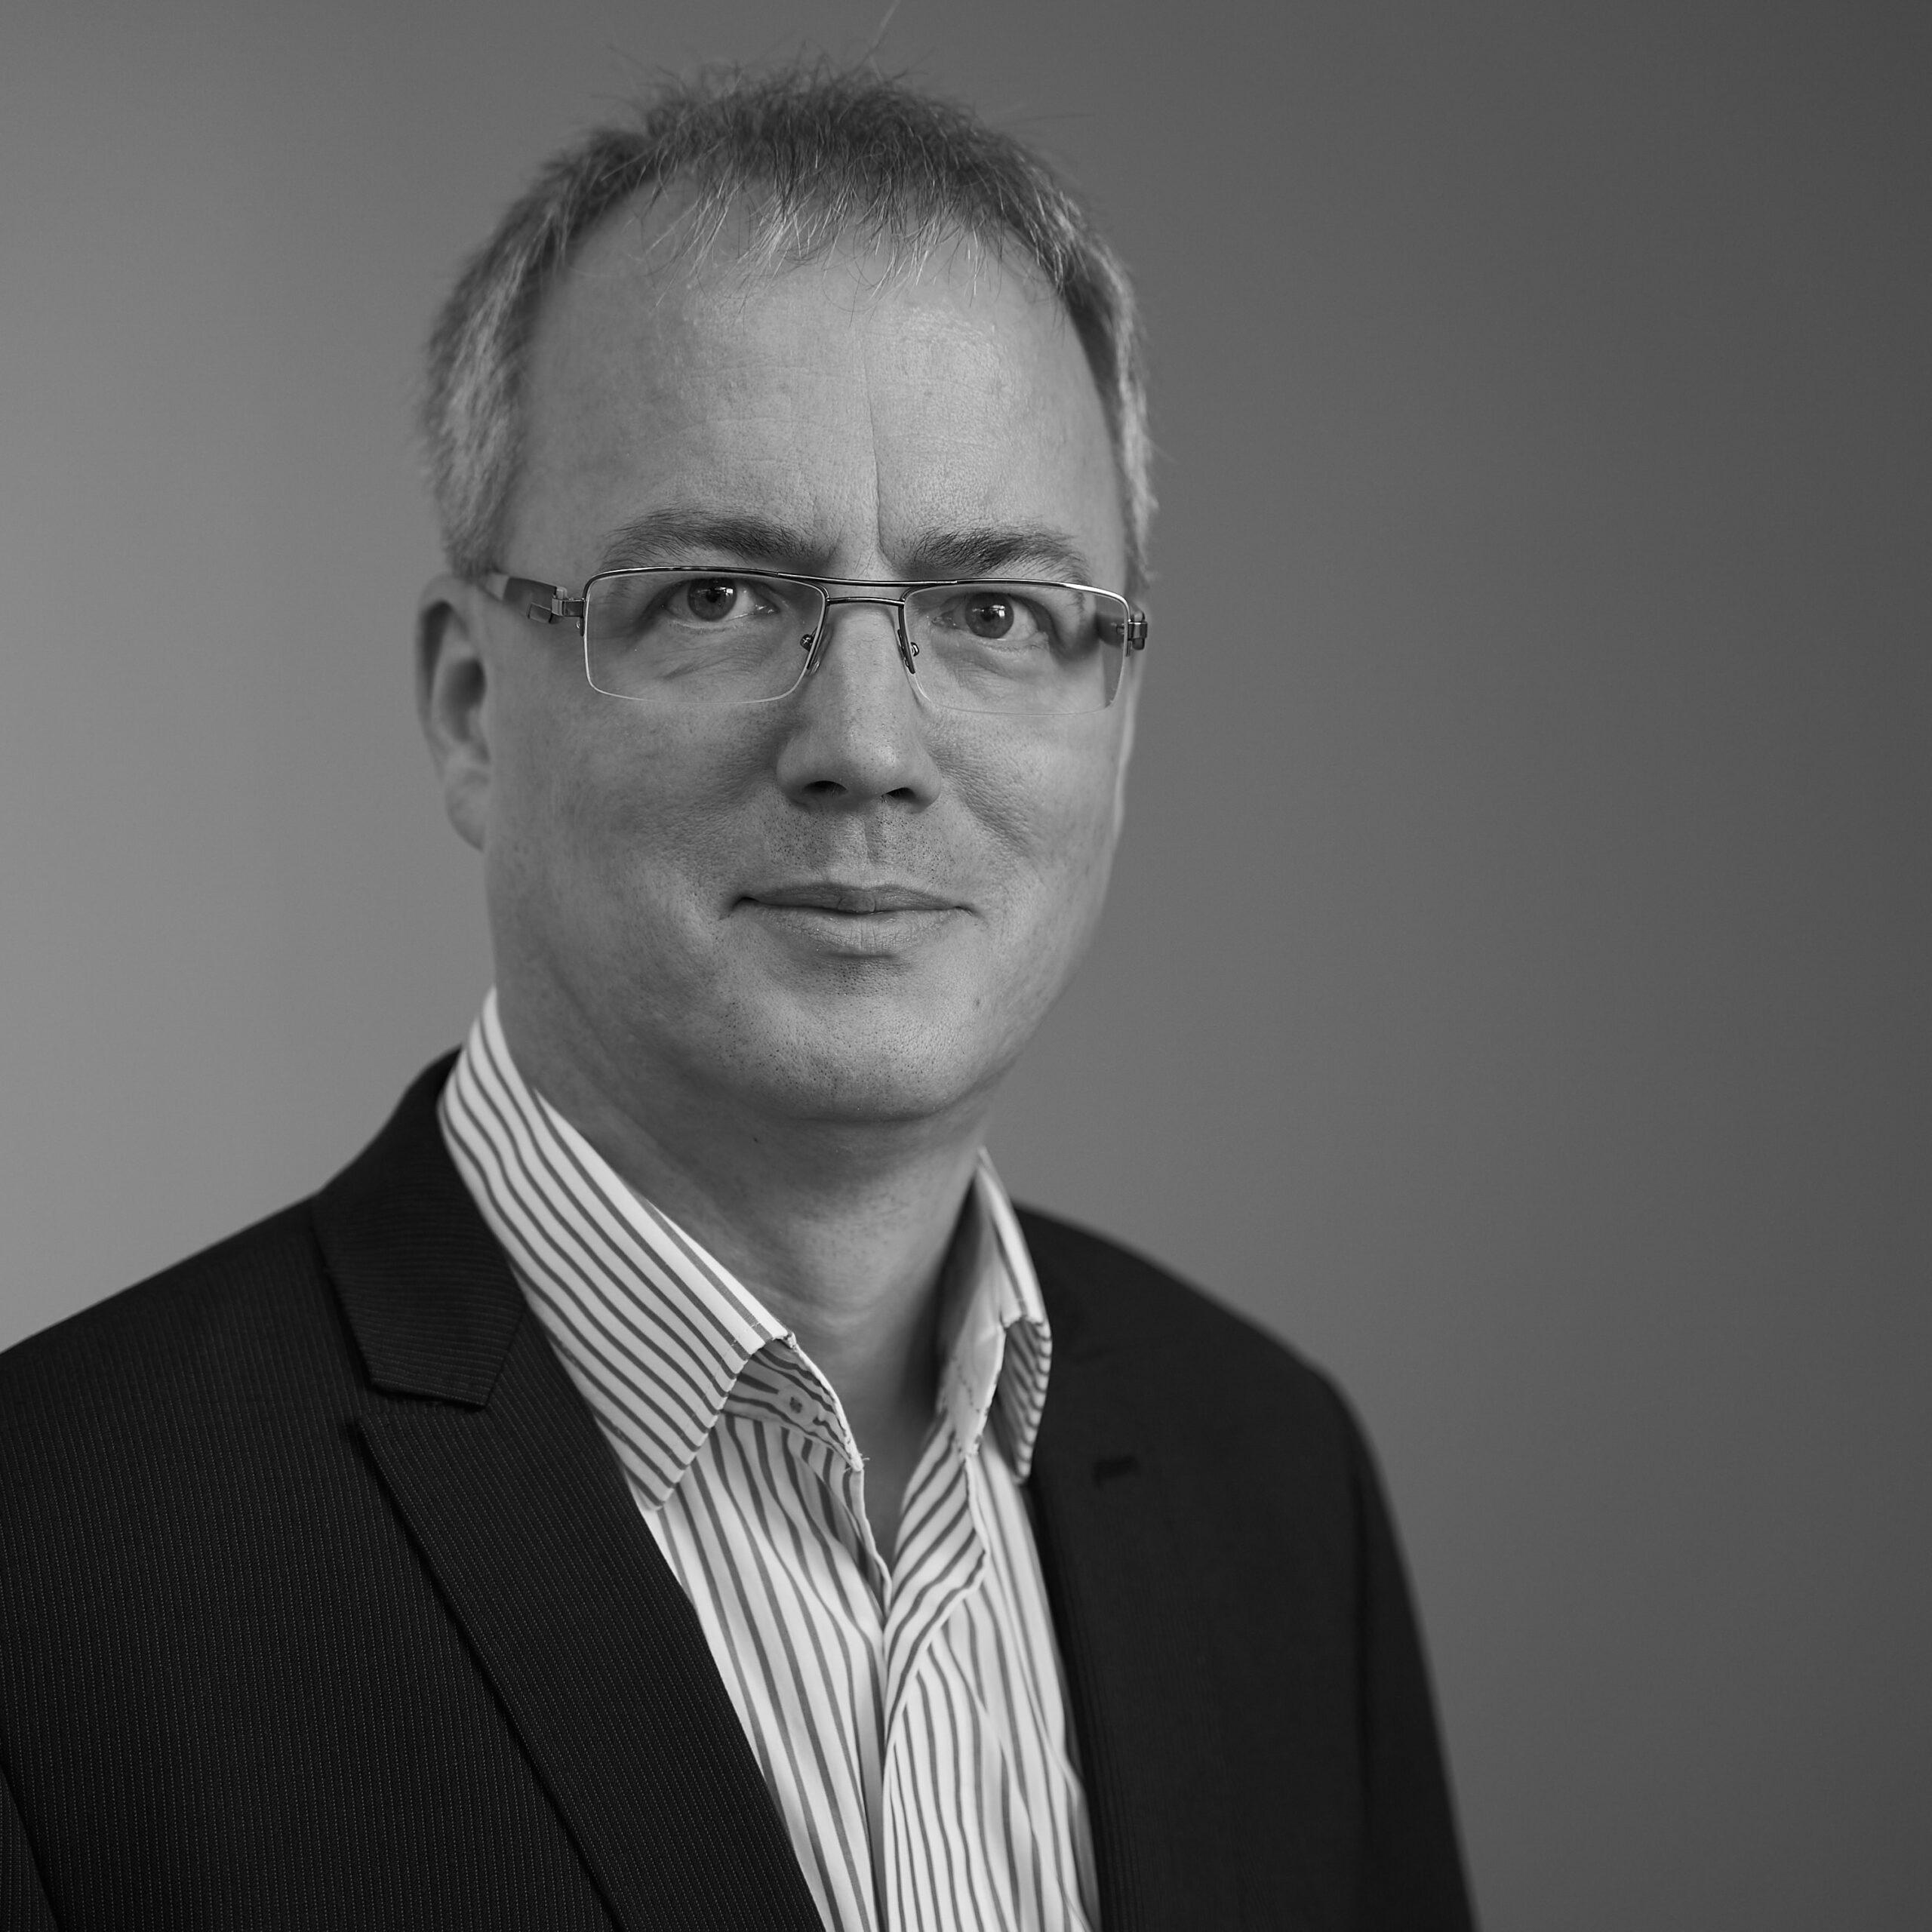 Stephan Hradek